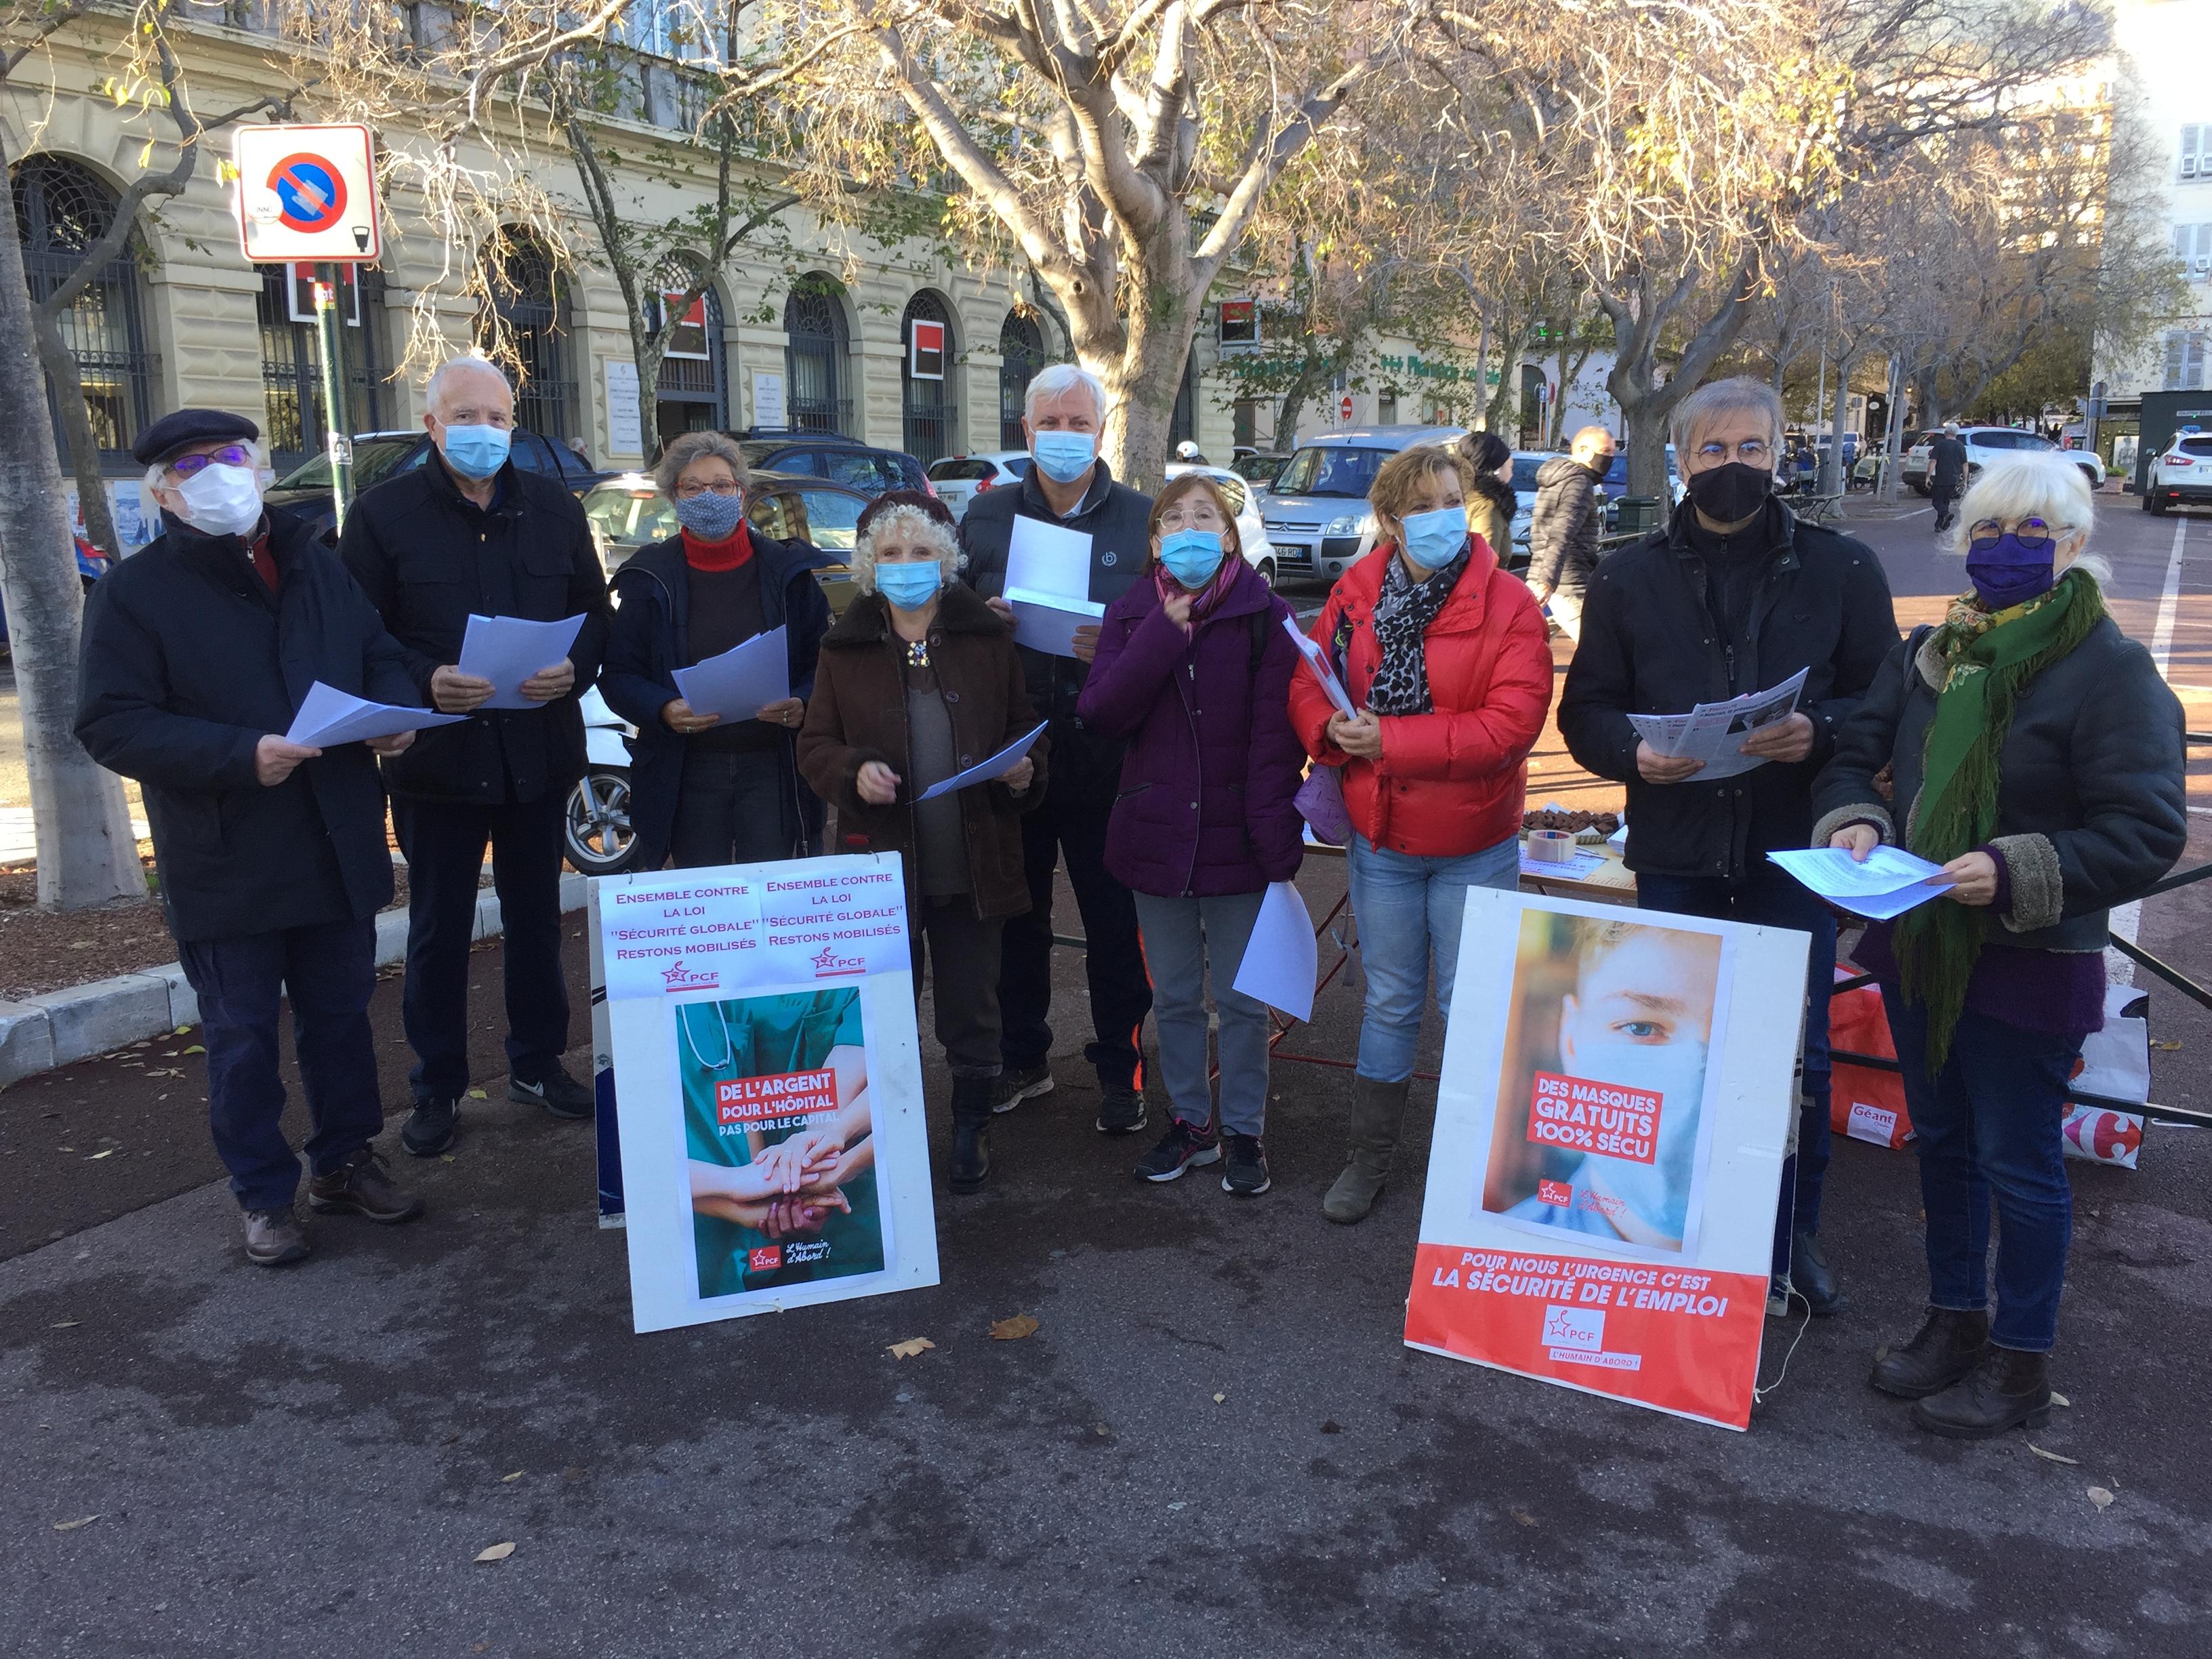 Crise sanitaire et économique : le PCF de Corse propose des forums de réflexion et d'action